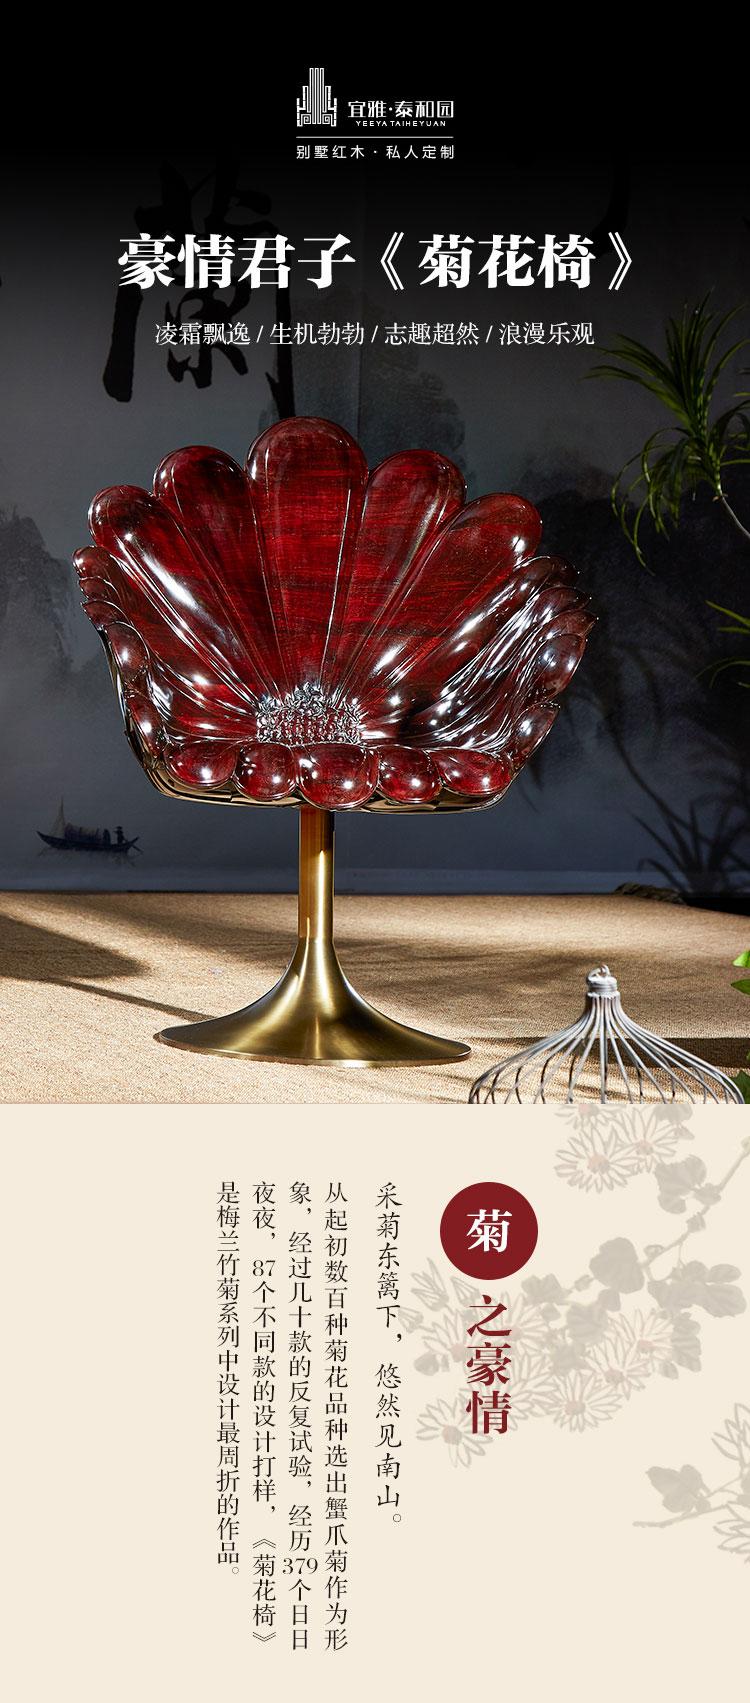 泰和园《豪情君子菊花椅》.jpg